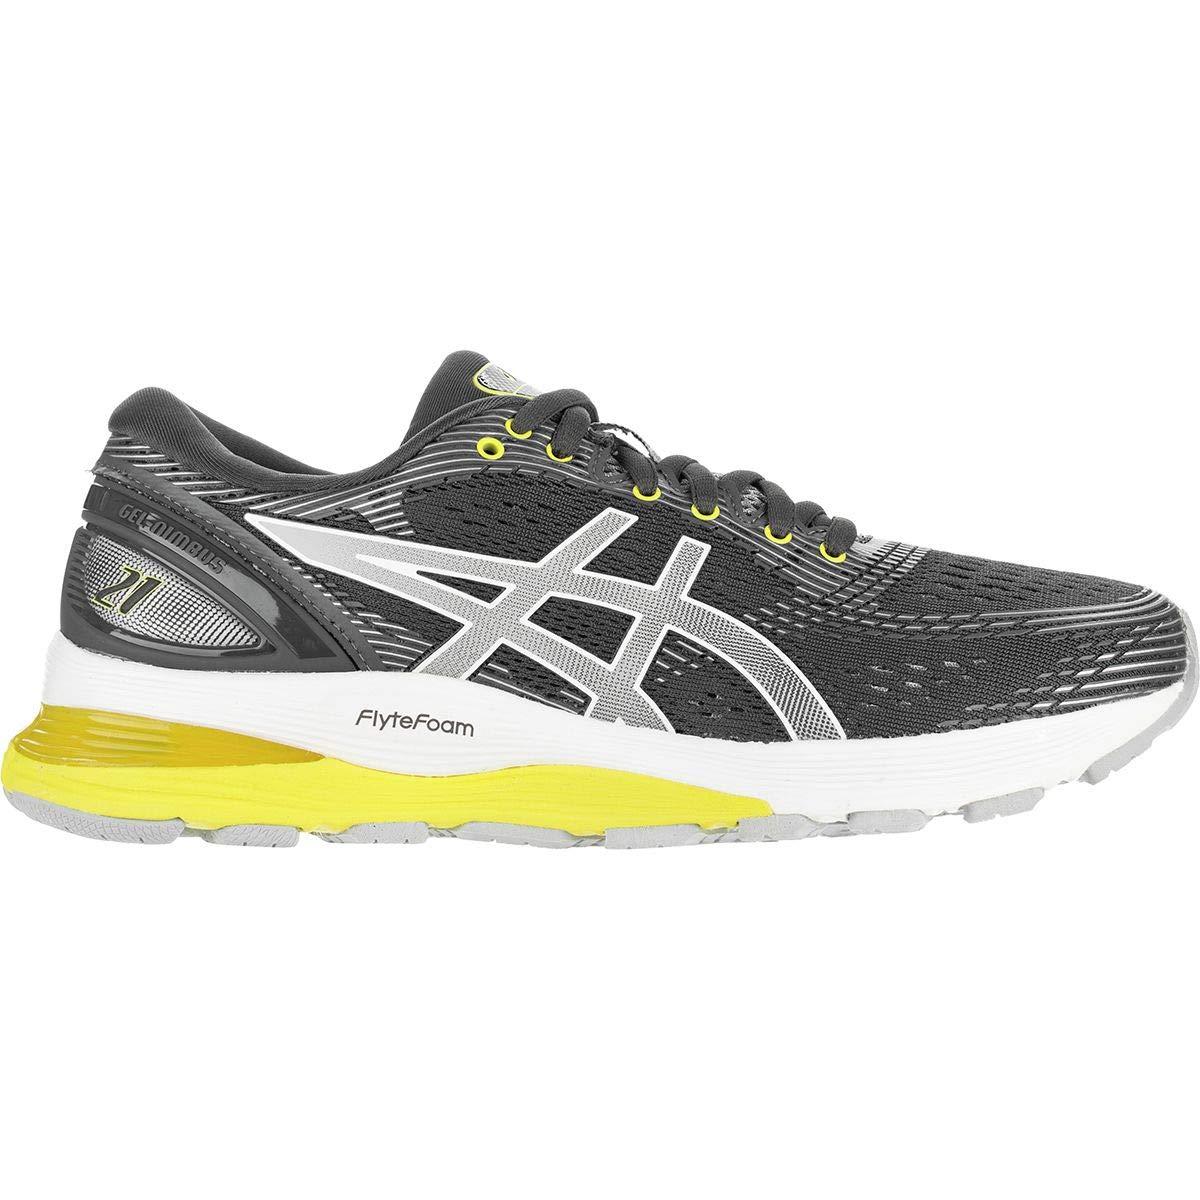 値引きする [アシックス] 6.5 レディース Shoe ランニング [アシックス] Gel-Nimbus 21 Running Shoe [並行輸入品] B07P2WH4JS 6.5, 舟橋村:76a9f554 --- mswebserv.com